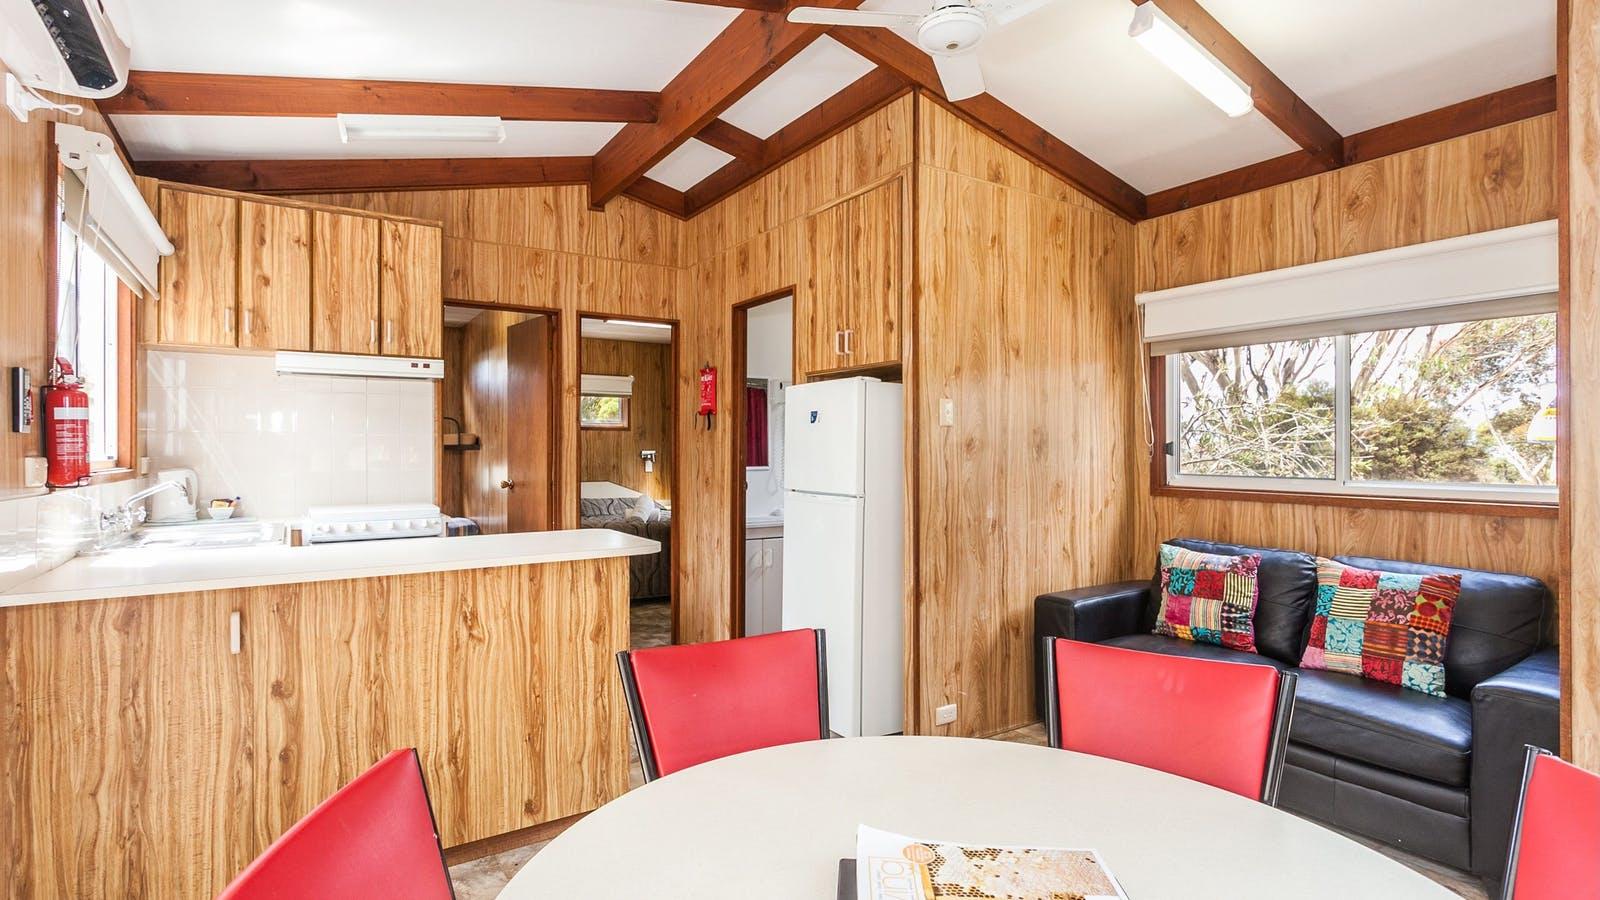 Deluxe Cabin Interior 6 berth